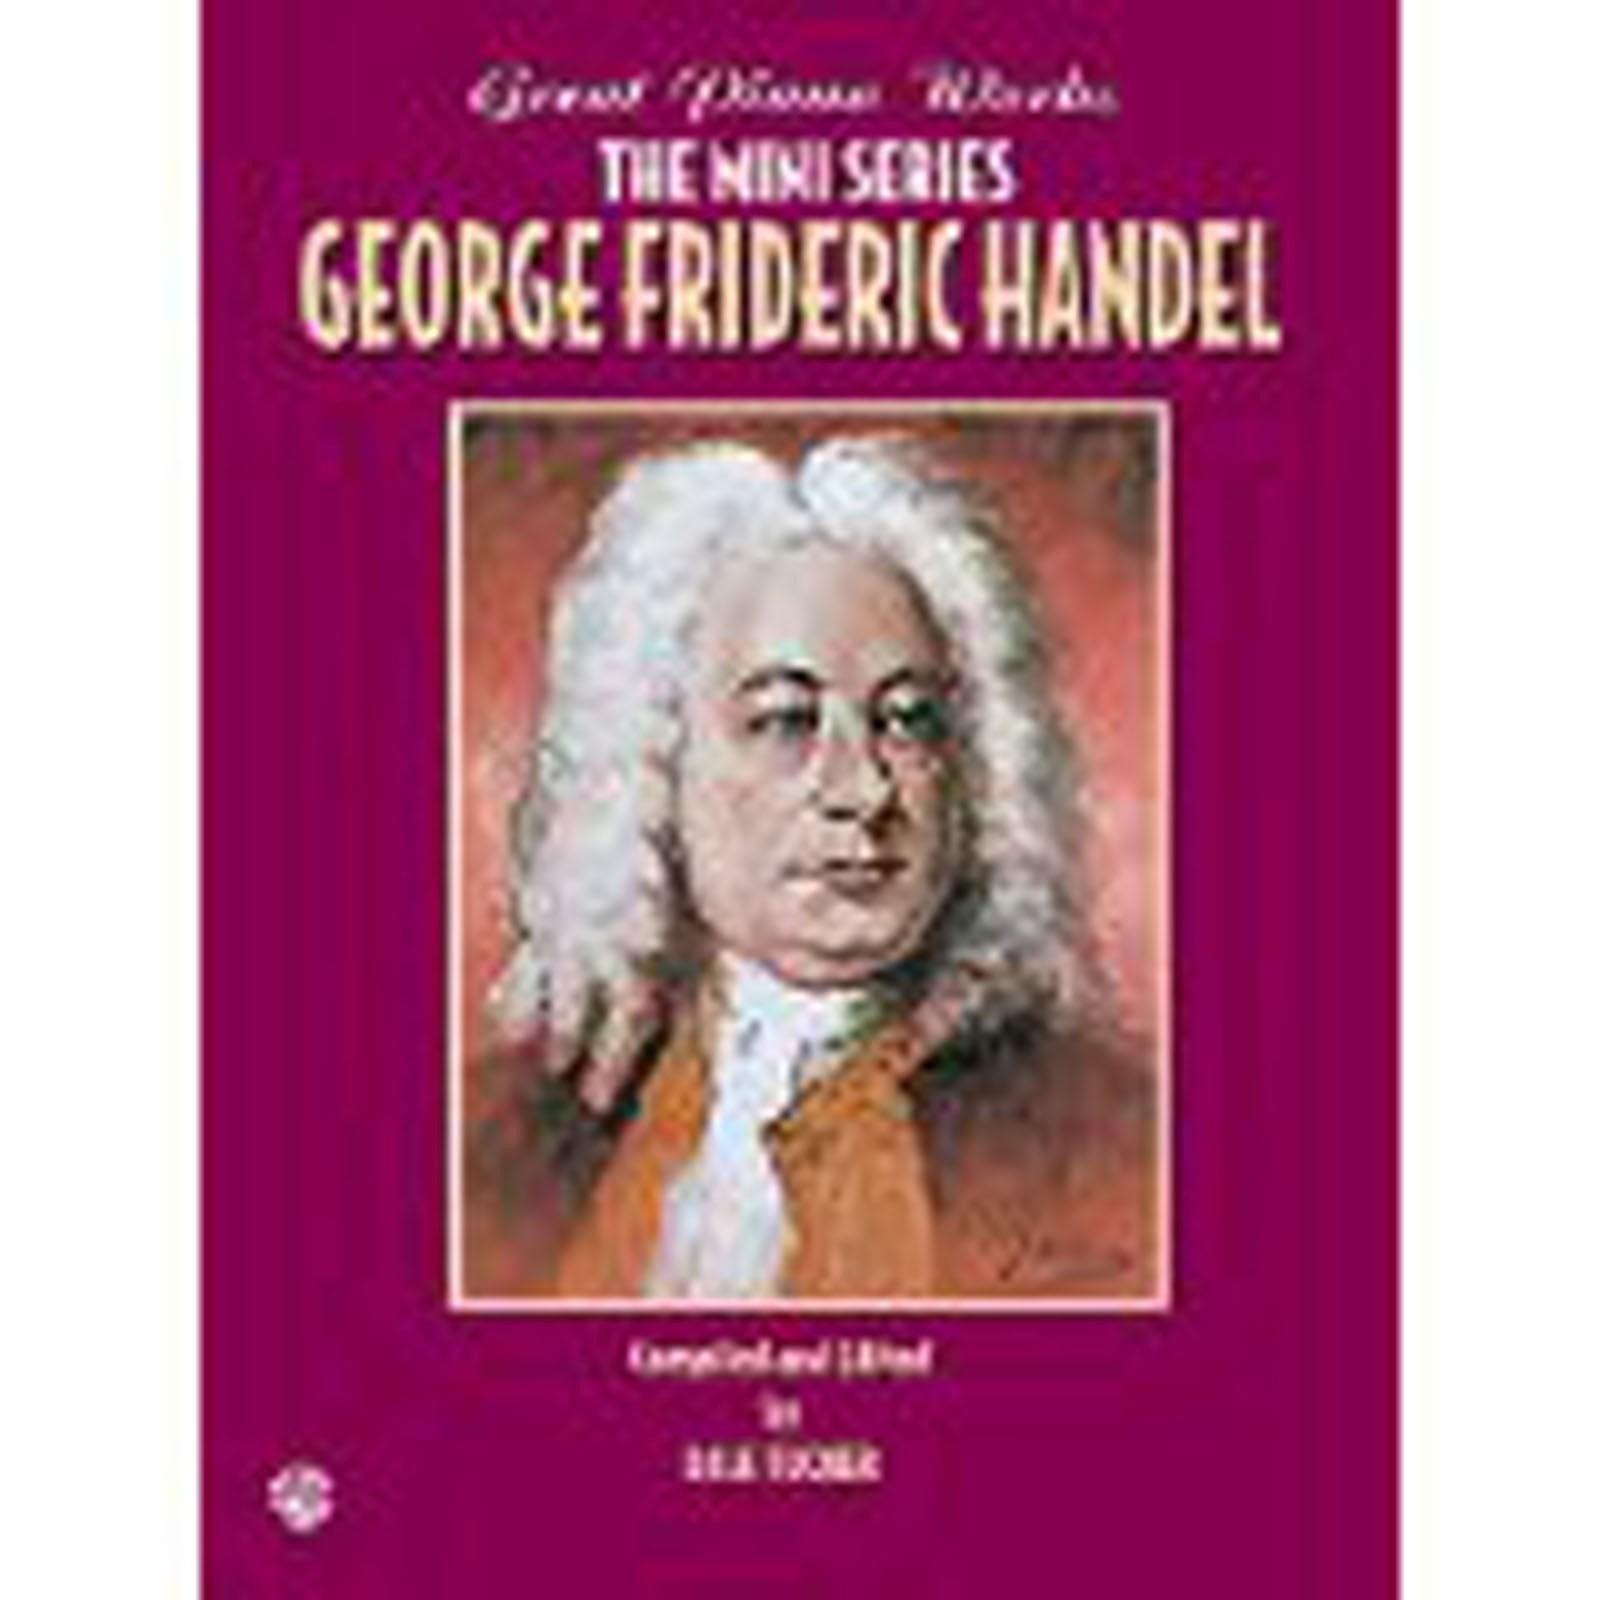 Handel Great Piano Works Mini Series Intermediate Repertoire Sheet Music B58